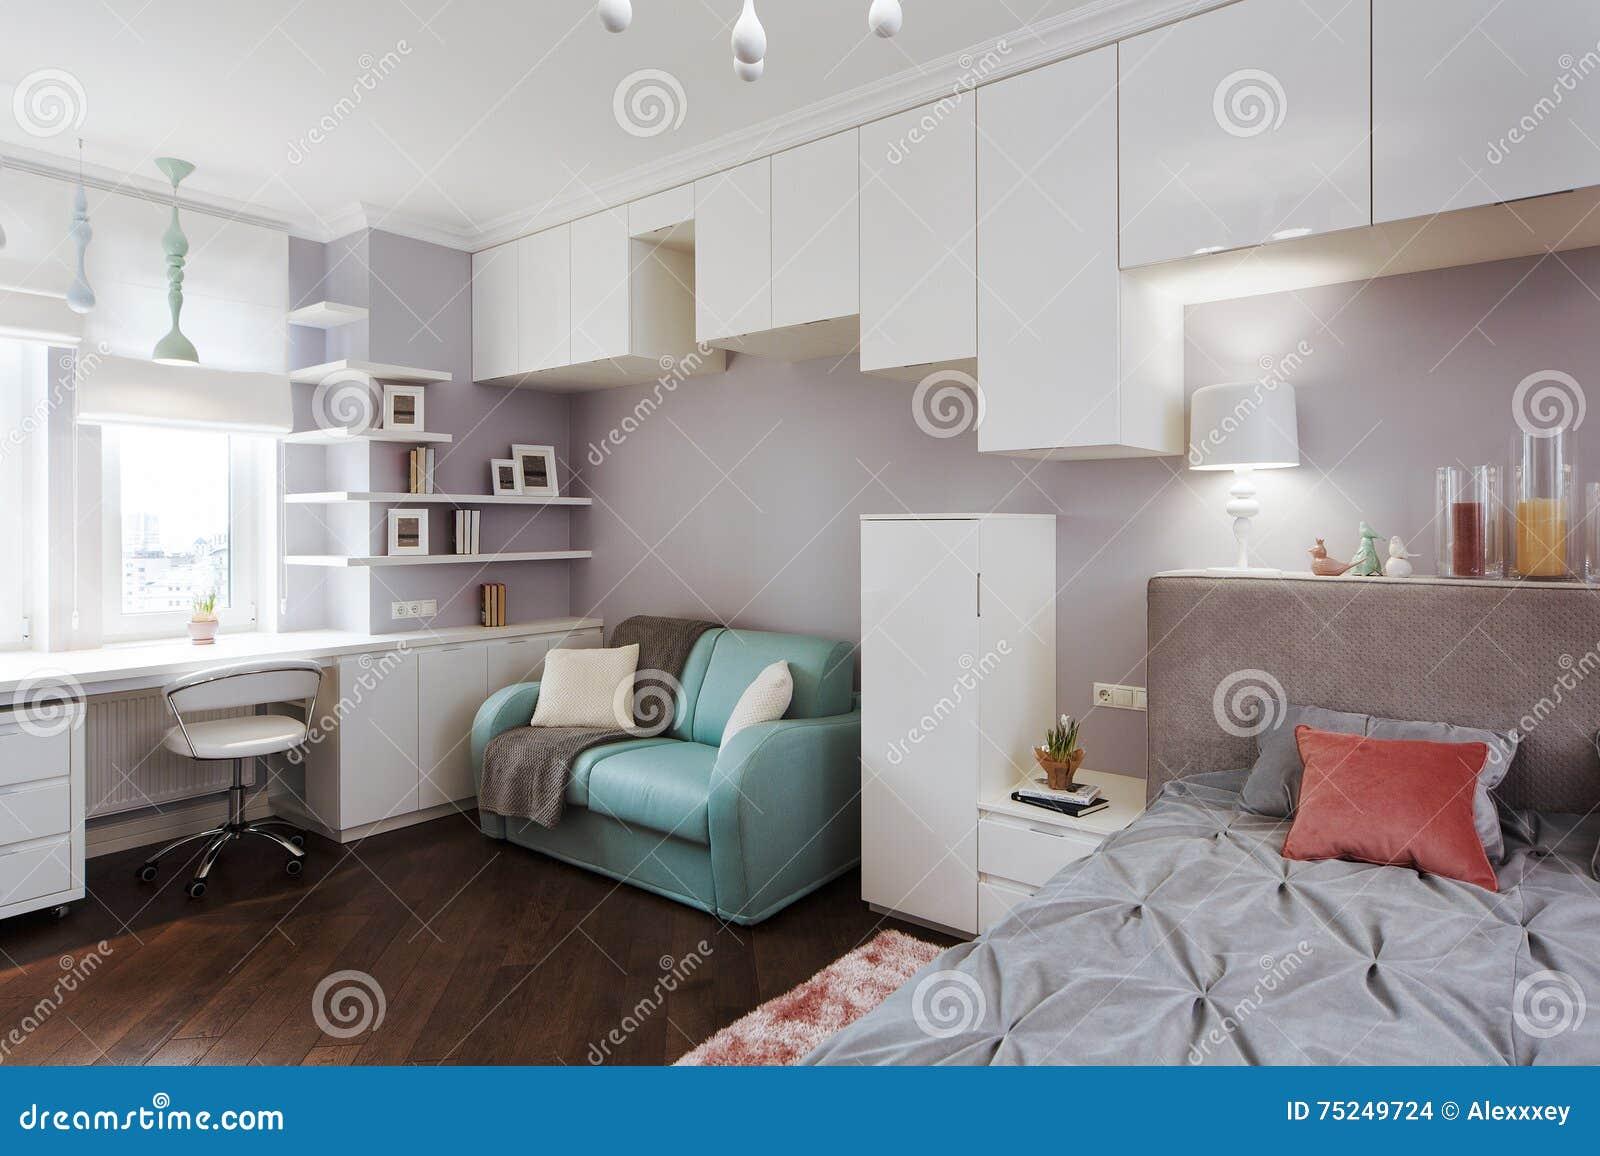 Slaapkamer Lamp Kind : De slaapkamer van binnenlandse lichte kinderen met een groot bed